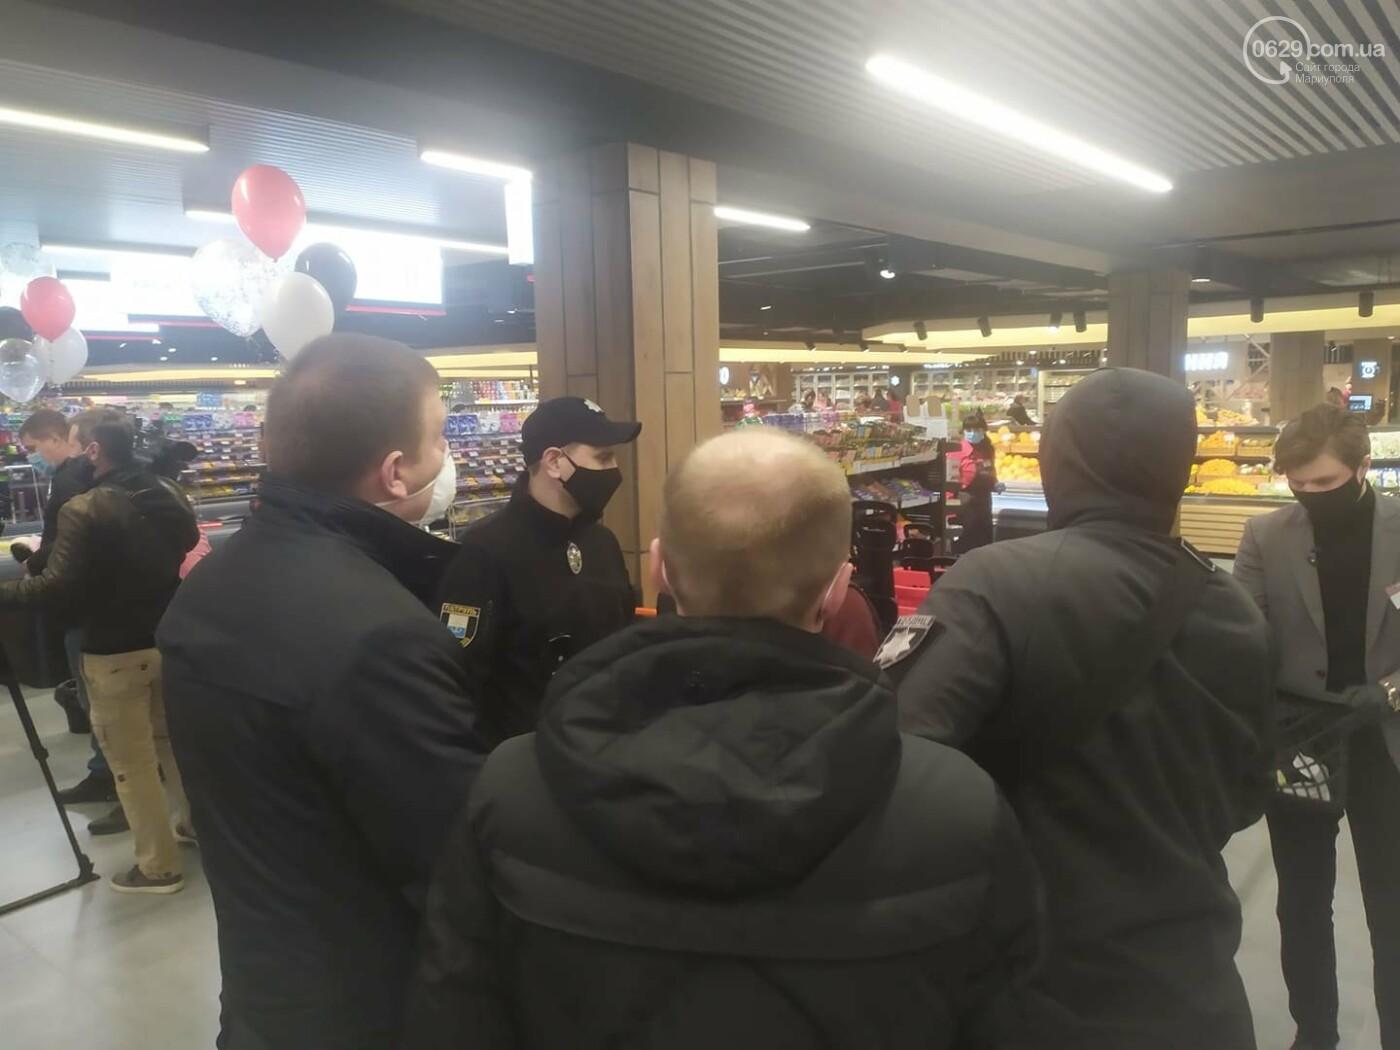 Мариупольцы в нарушение карантина штурмуют новый супермаркет, - ФОТО, ВИДЕО, фото-8